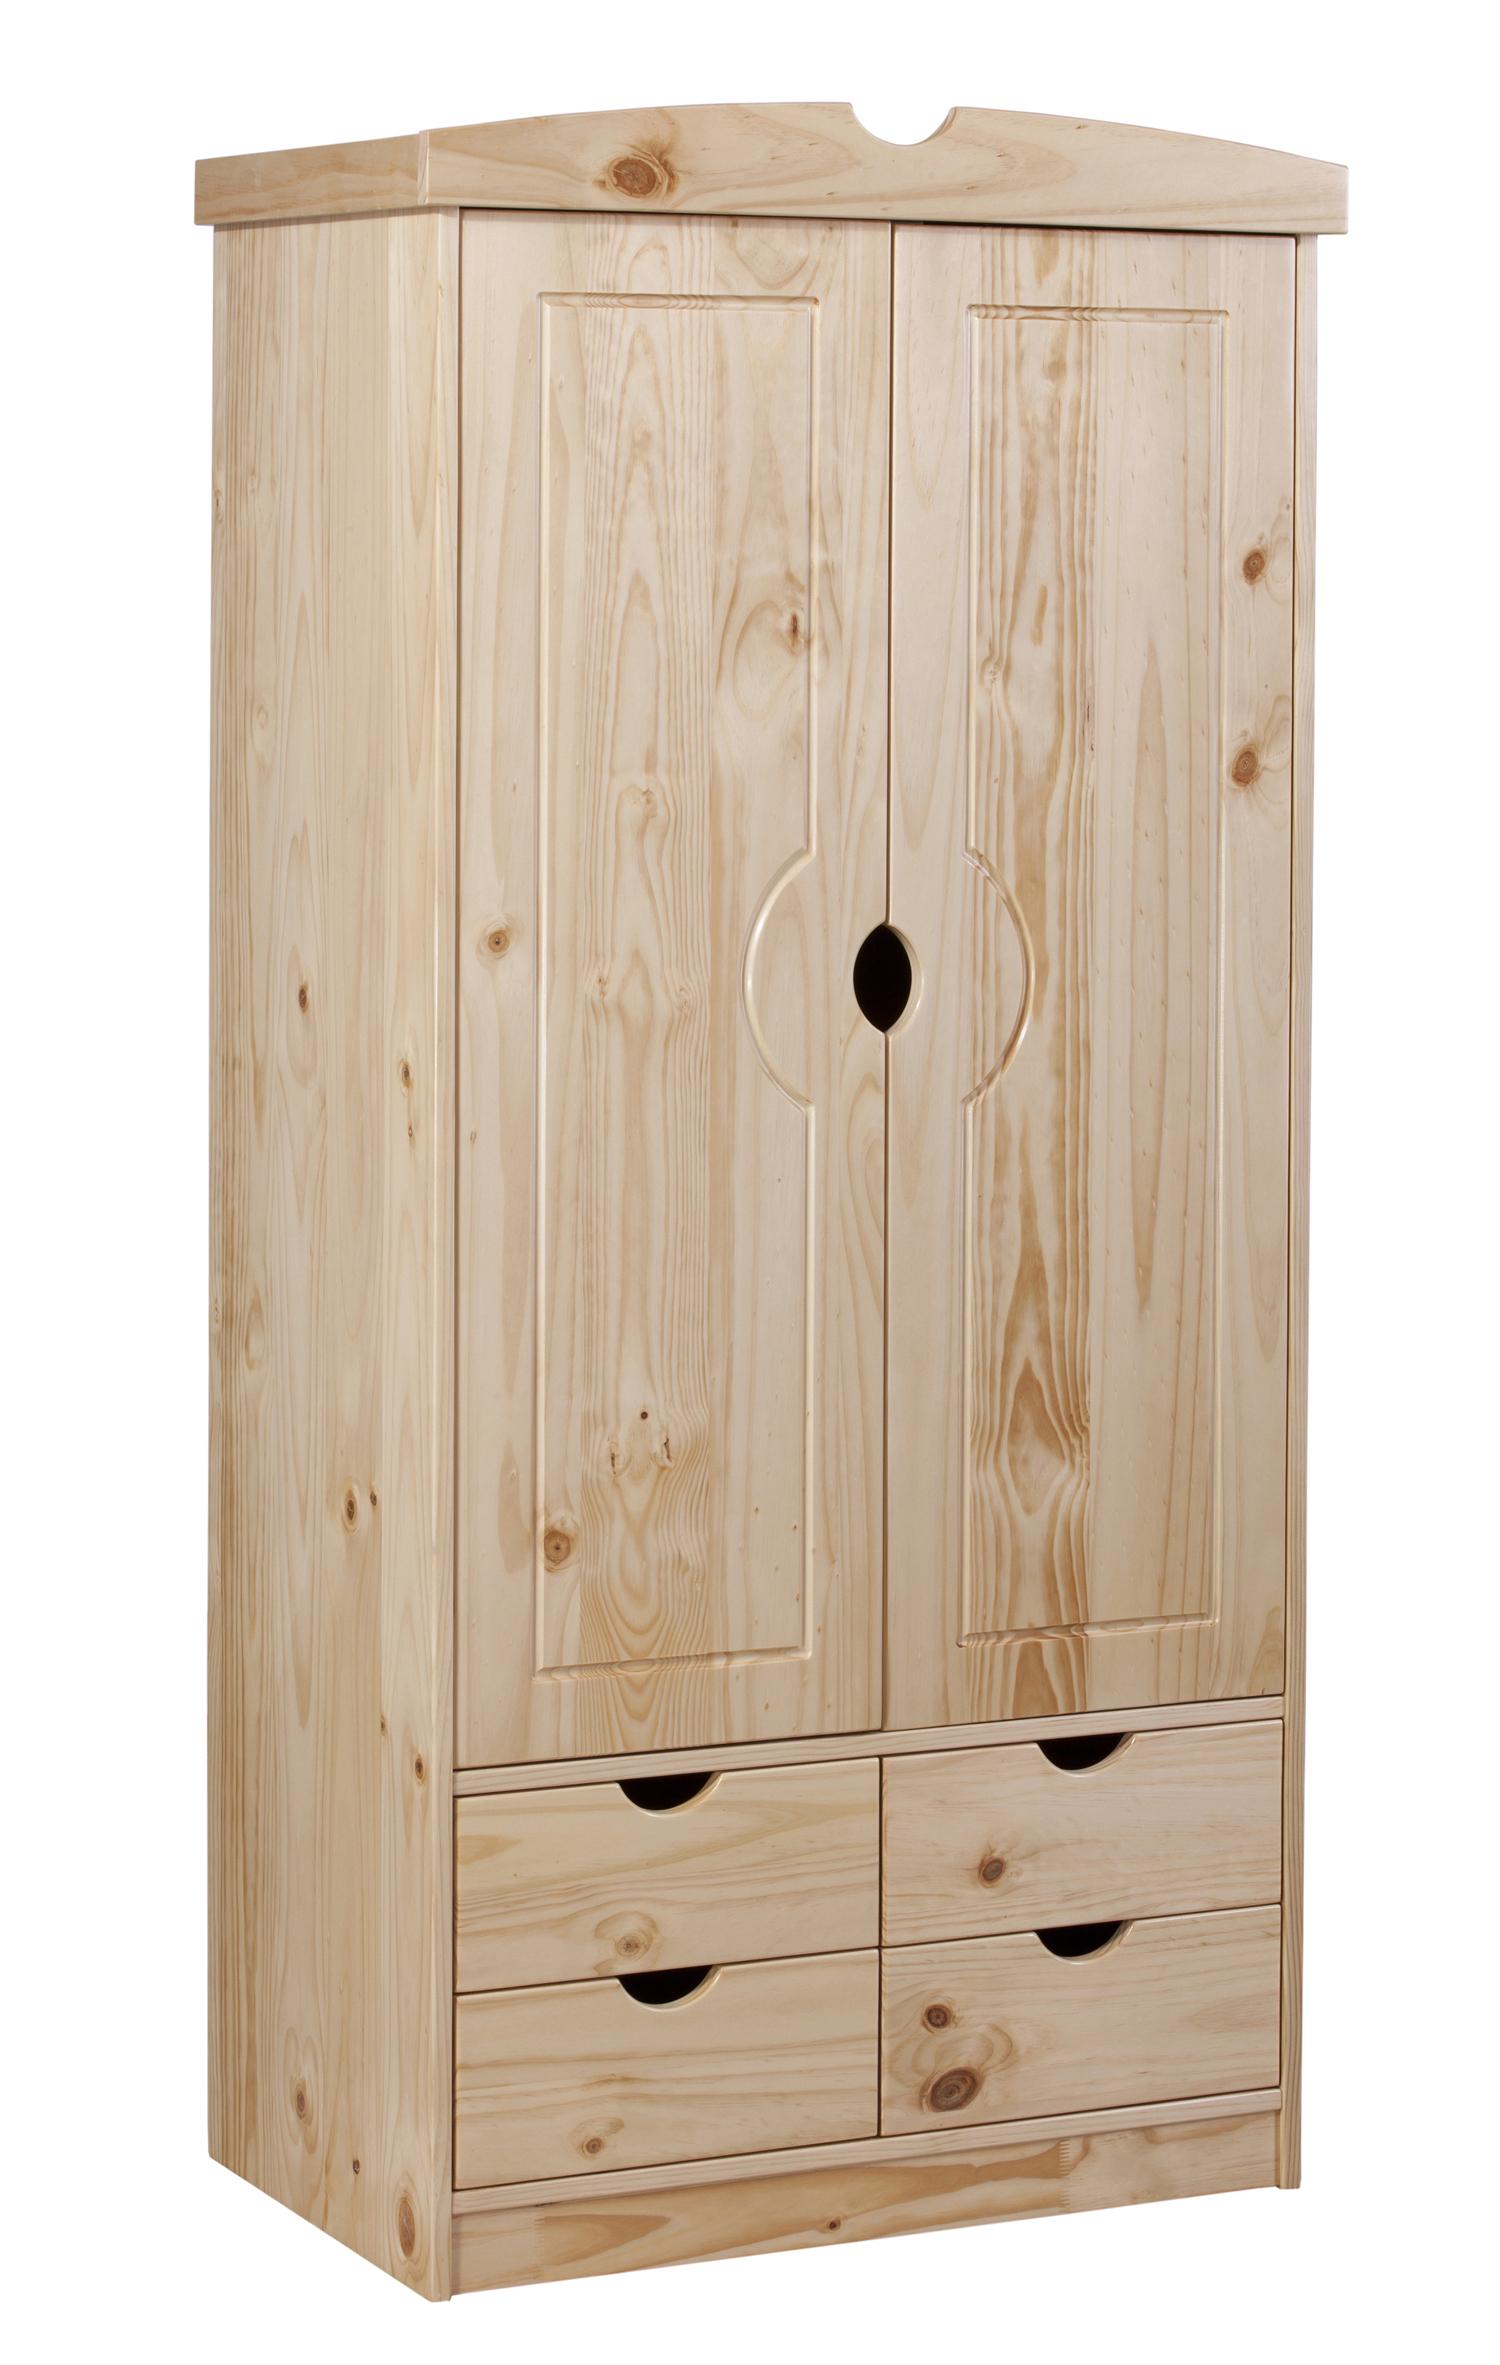 sixbros kleiderschrank kiefer schrank massiv holz natur. Black Bedroom Furniture Sets. Home Design Ideas